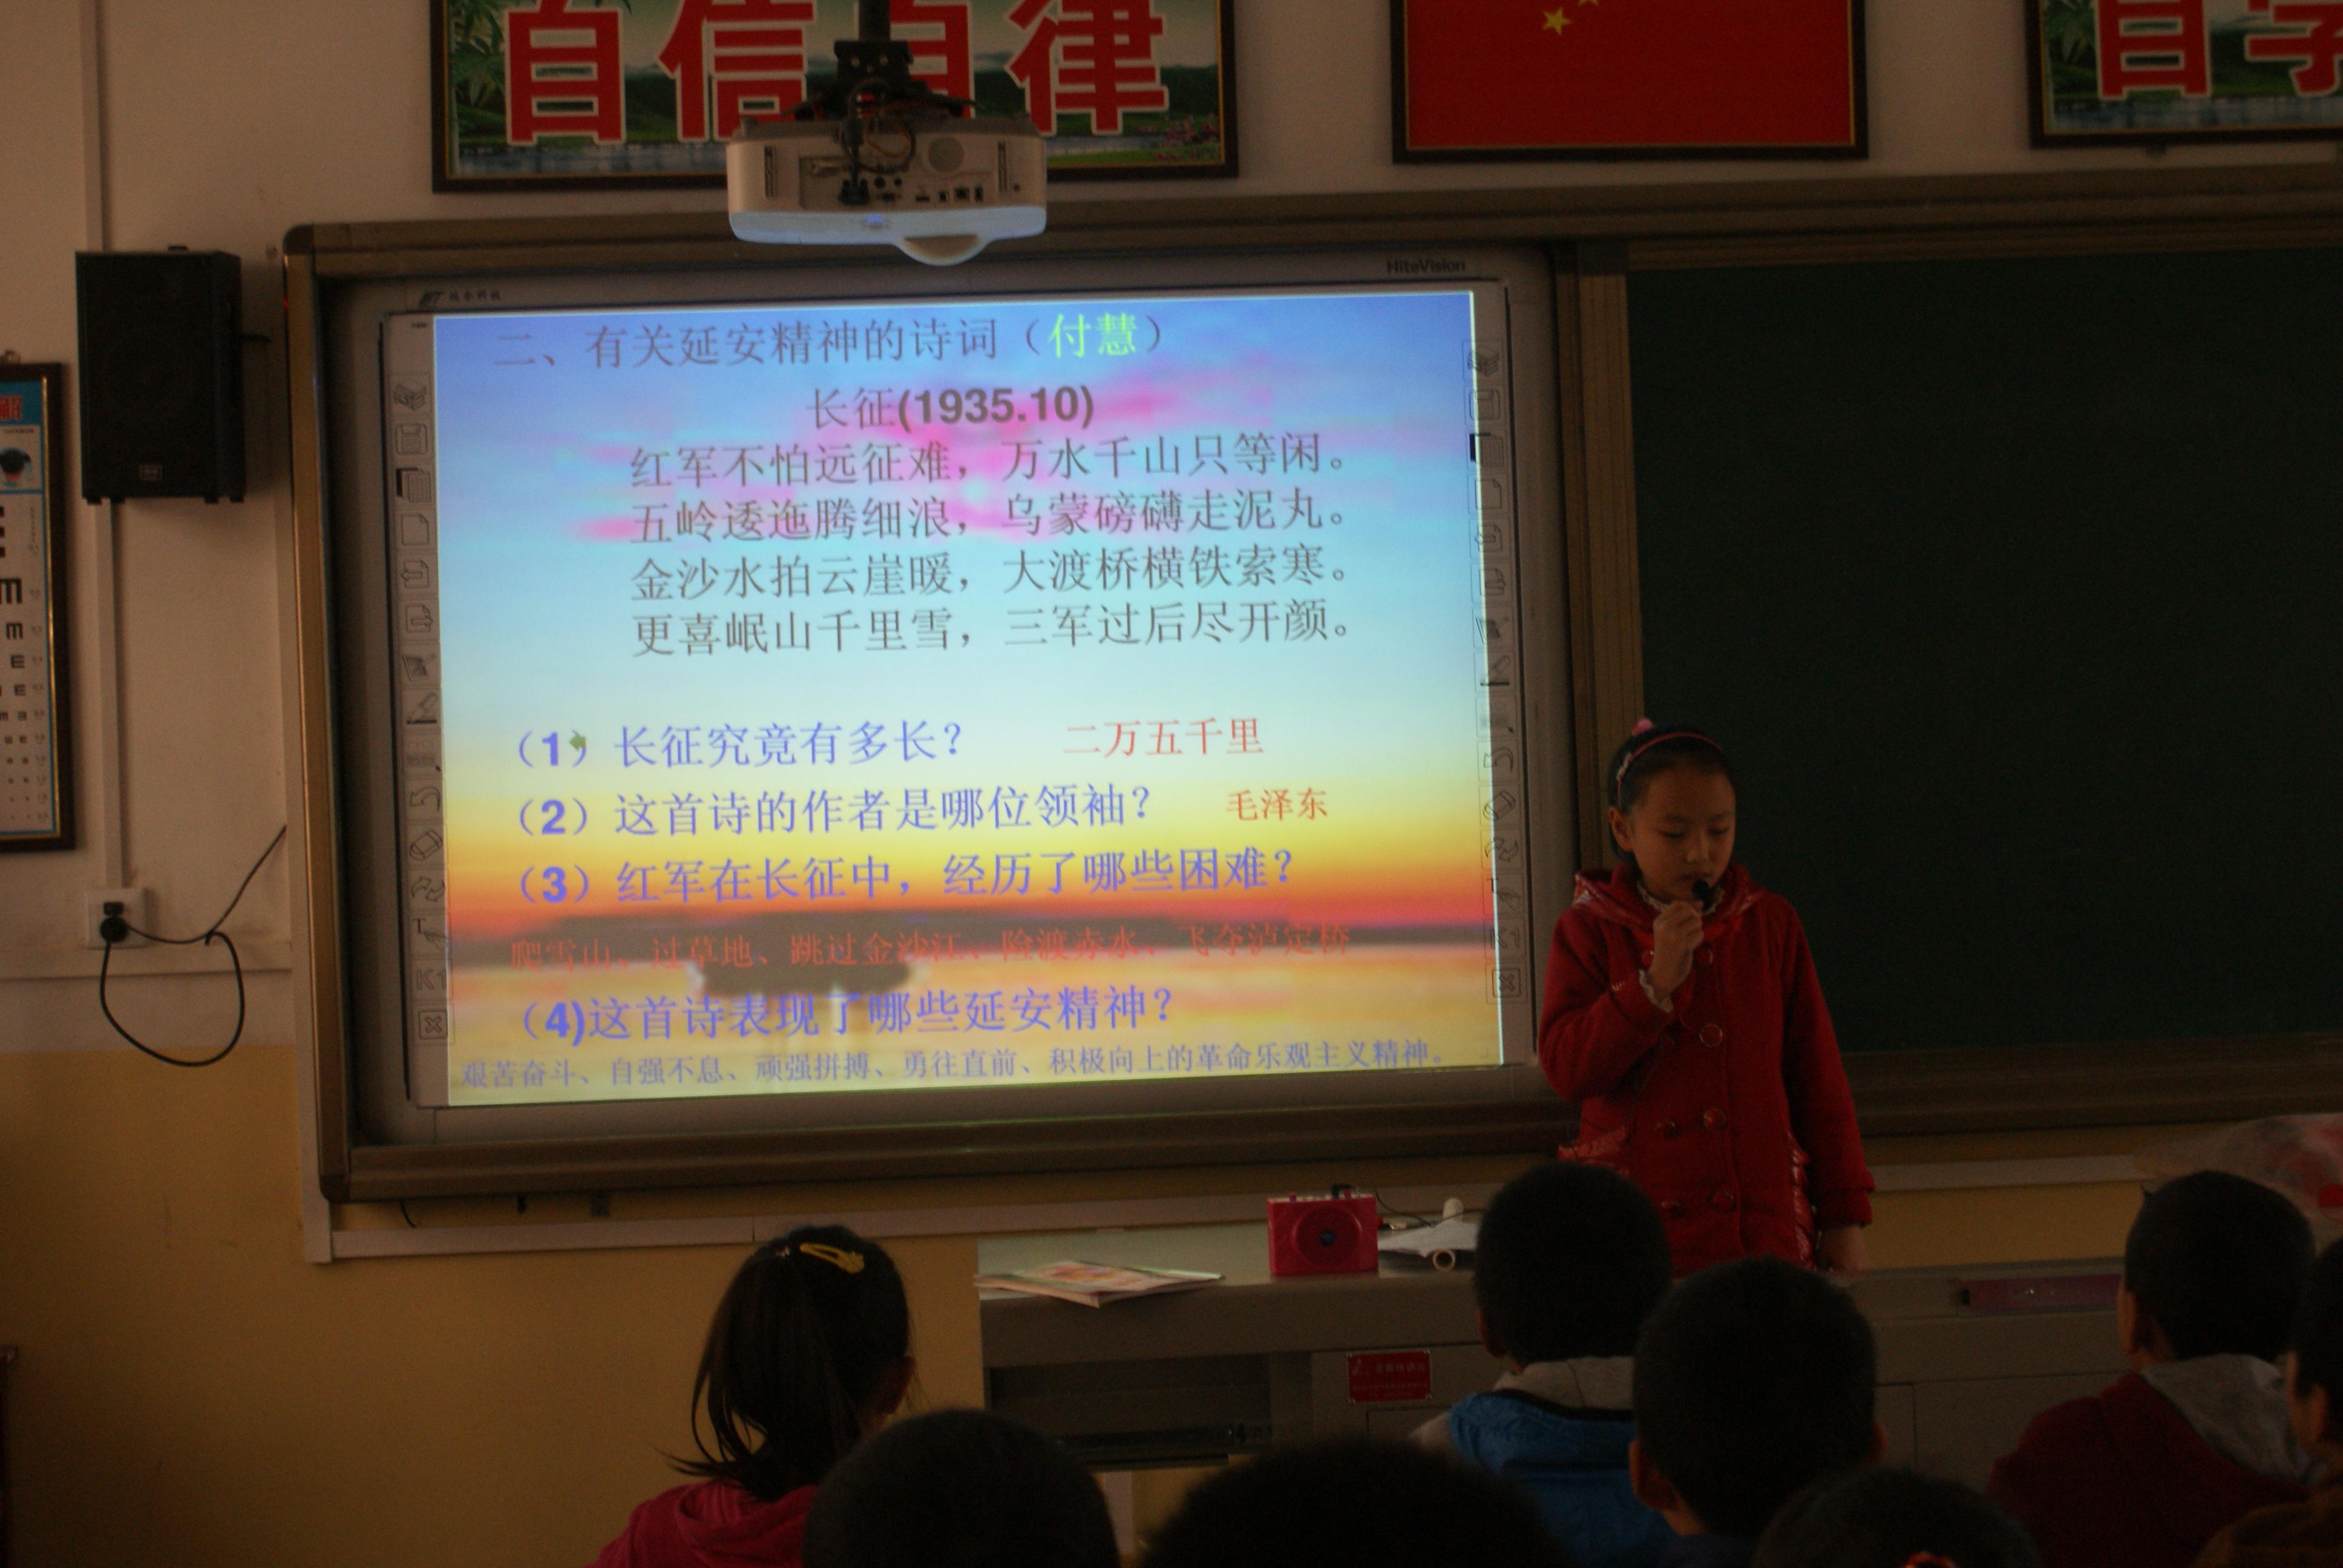 """宝塔区南关小学""""延安精神代代相传""""主题队会简报"""